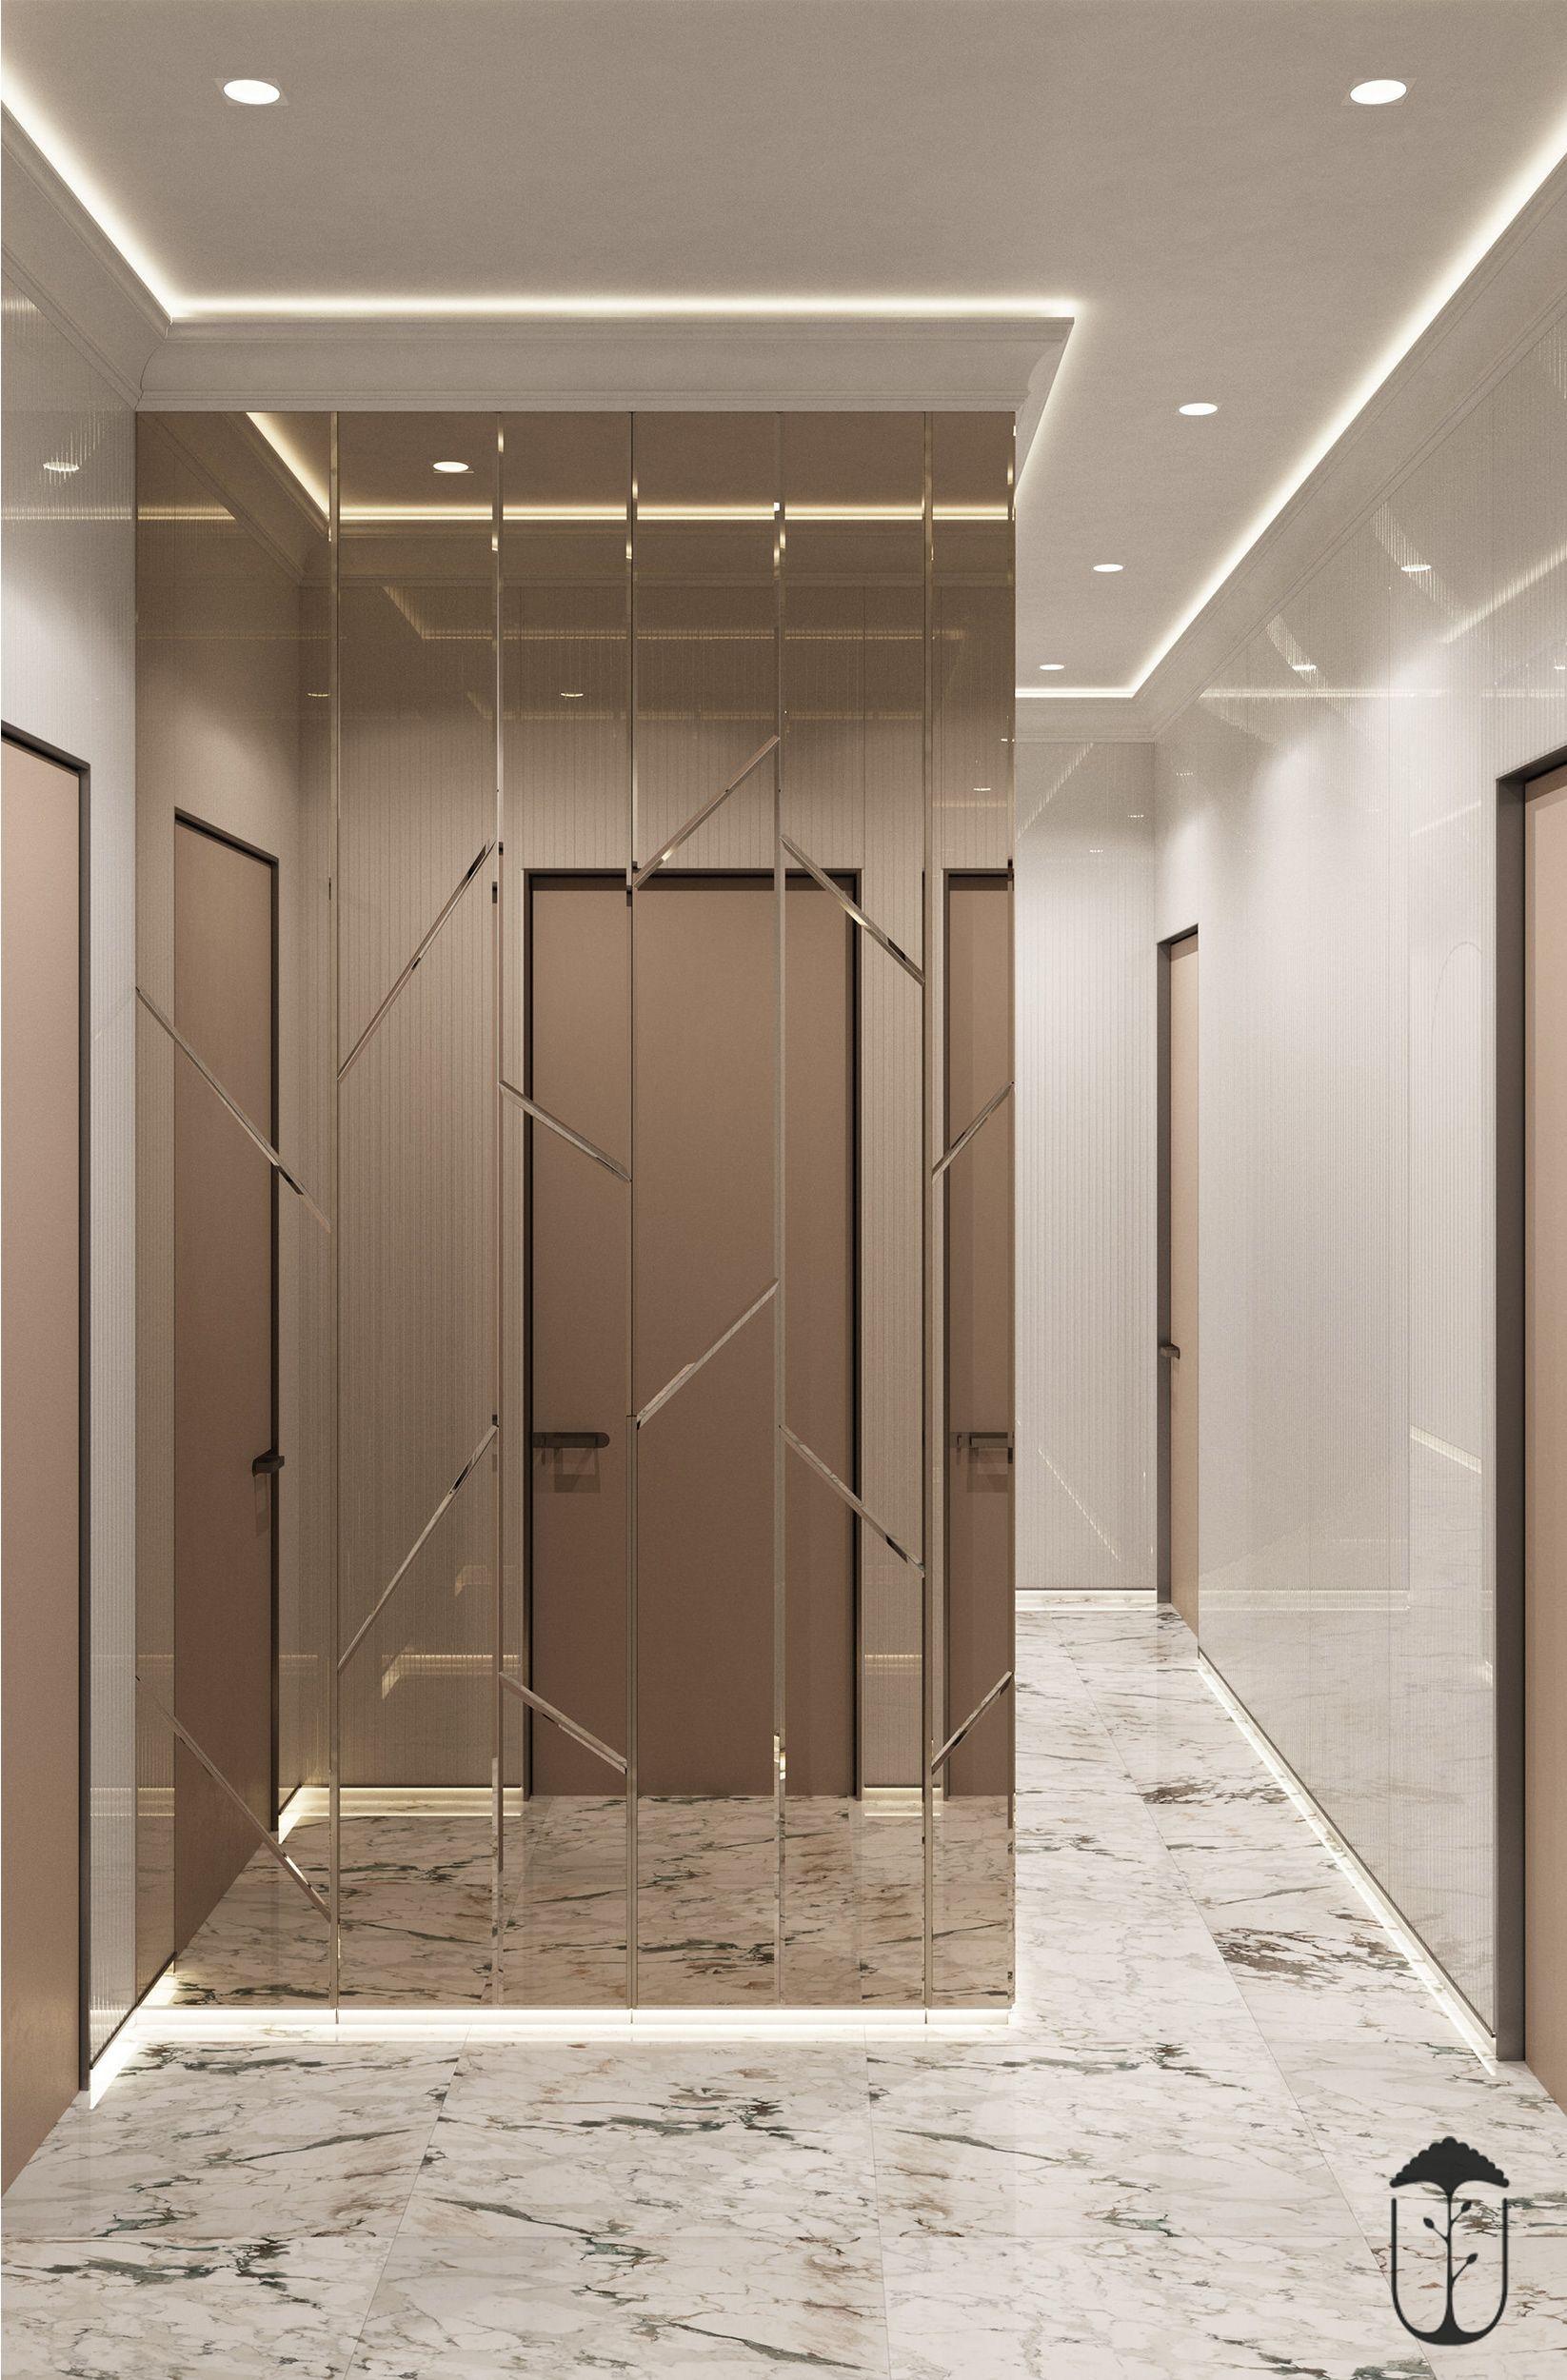 UI16 in 16  Zimmerdecken, Spiegelwände, Spiegel schmücken